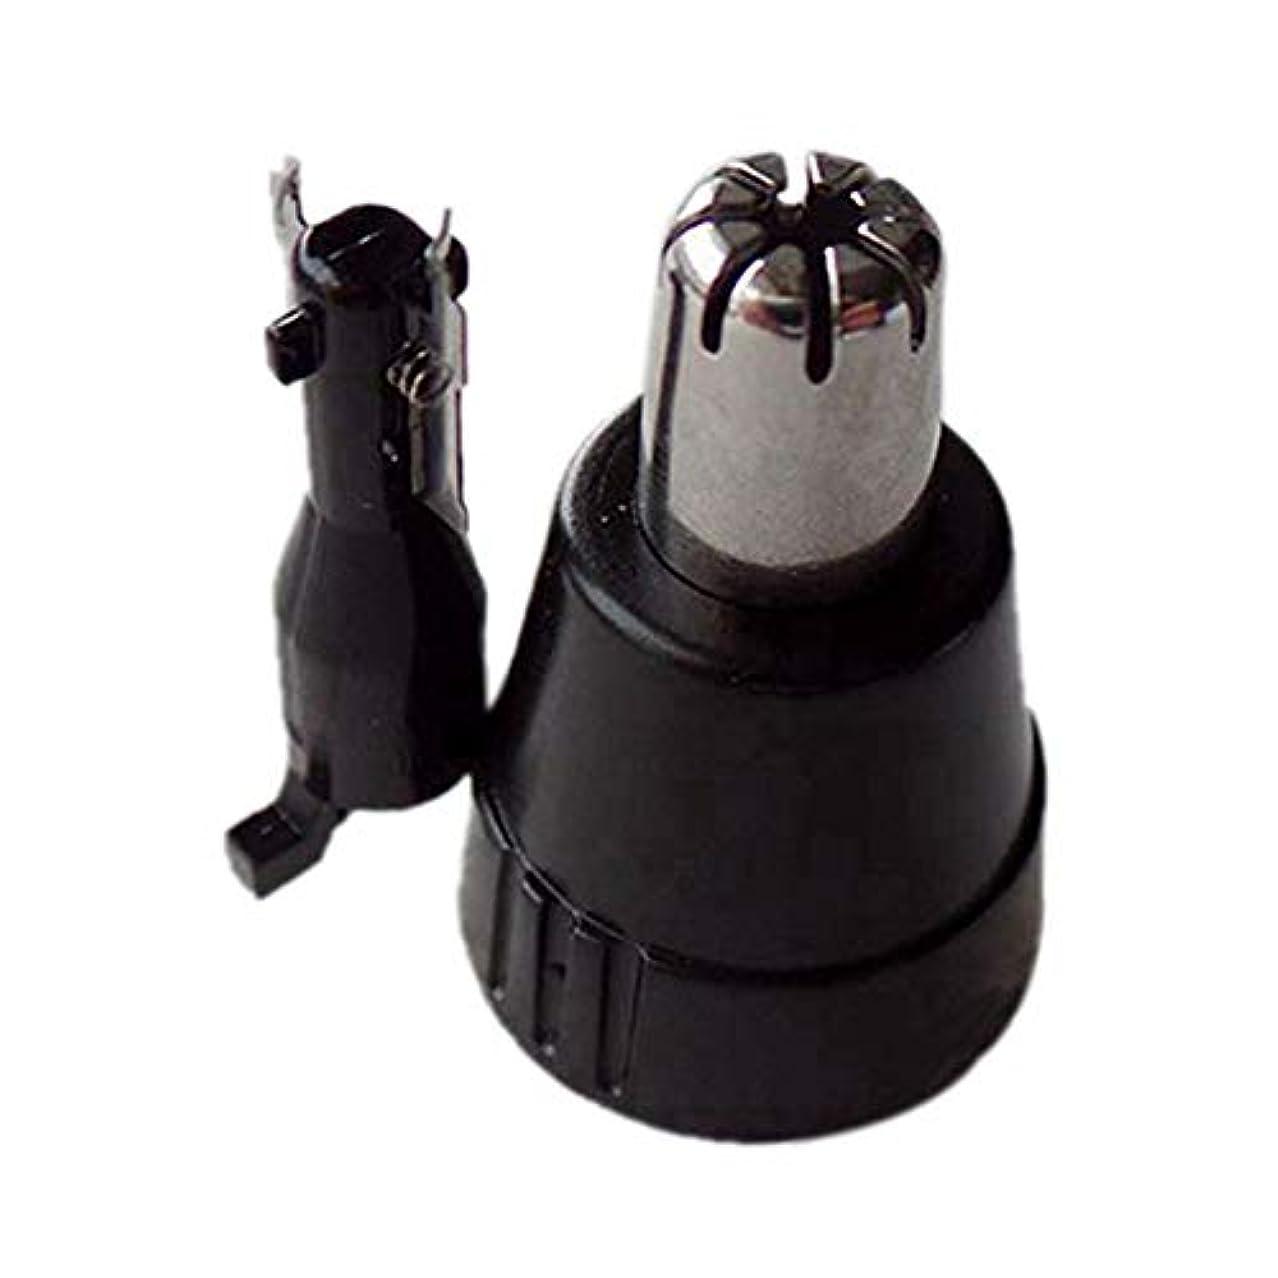 フォーラム矢活性化Hzjundasi 鼻毛カッターパーツ 内刃 外刃 替刃 耐用 高質量 for Panasonic 鼻毛カッター ER-GN30/-GN10